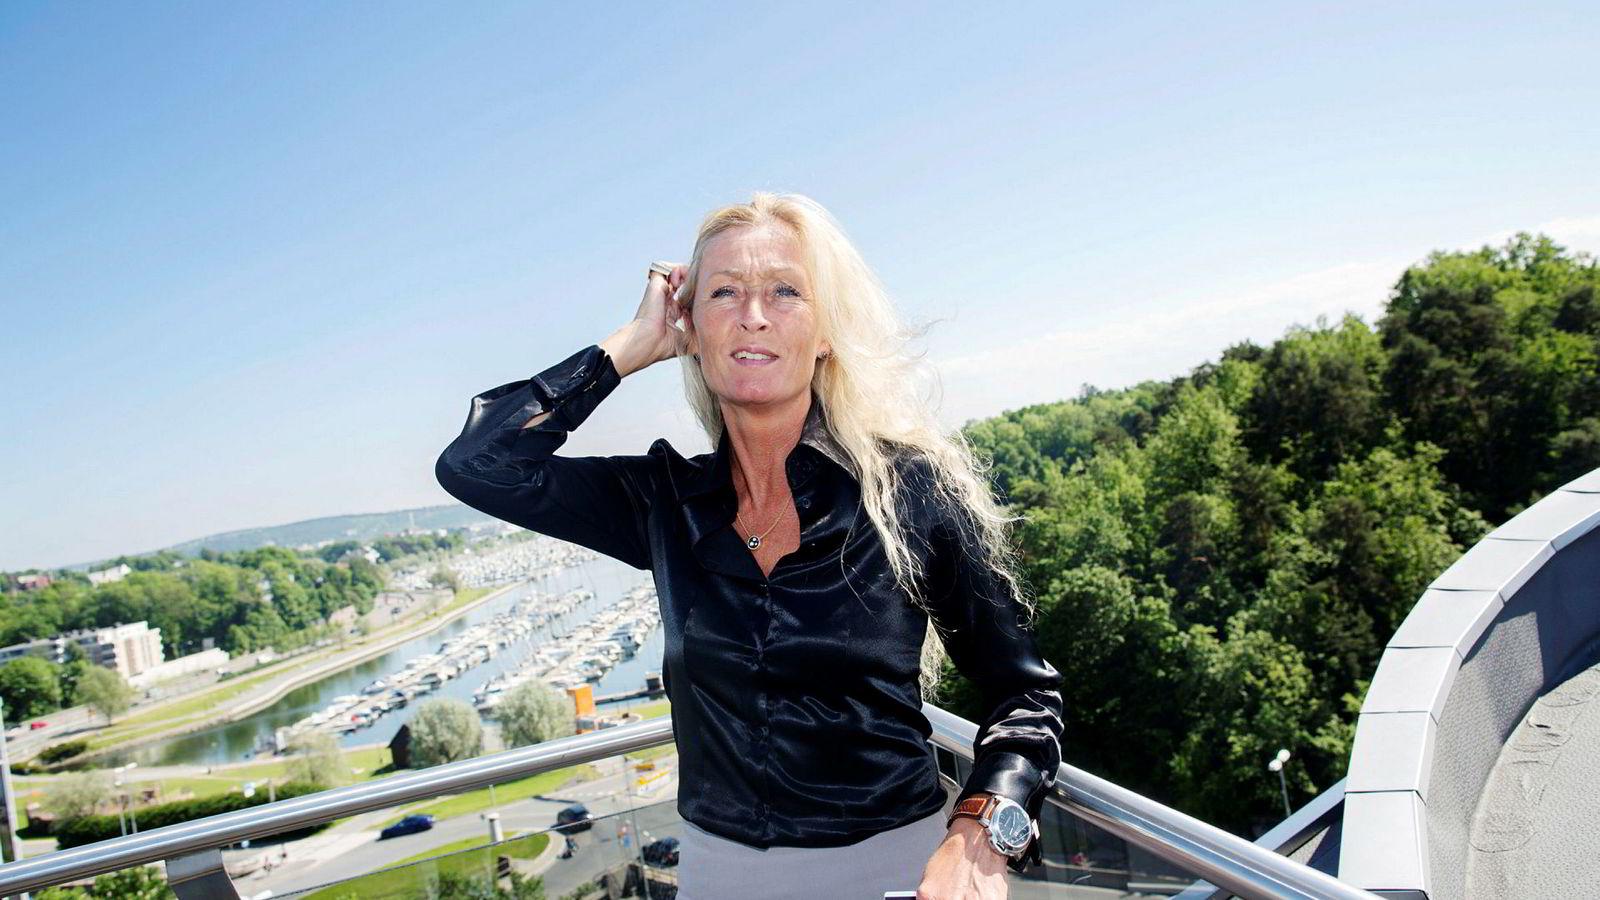 – I 2016 ville alle kjøpe, men ingen ville selge. I 2017 ville alle selge, men ingen ville kjøpe. Nå har vi fått veldig god balanse, sier Grethe W. Meier, administrerende direktør i Privatmegleren.